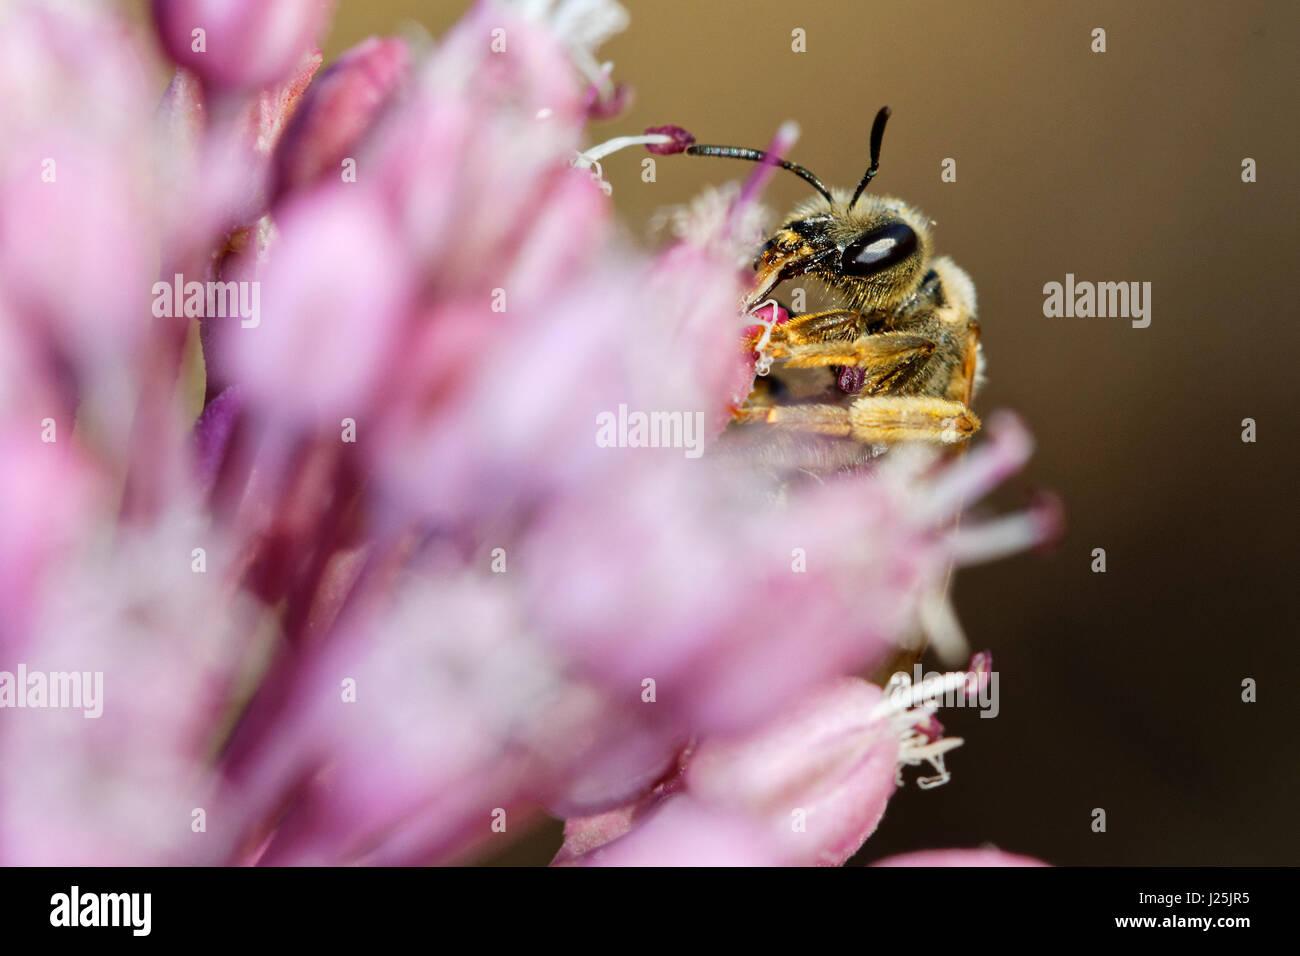 Biene auf einer Zwiebel Blume, Insel Hvar, Kroatien Stockbild